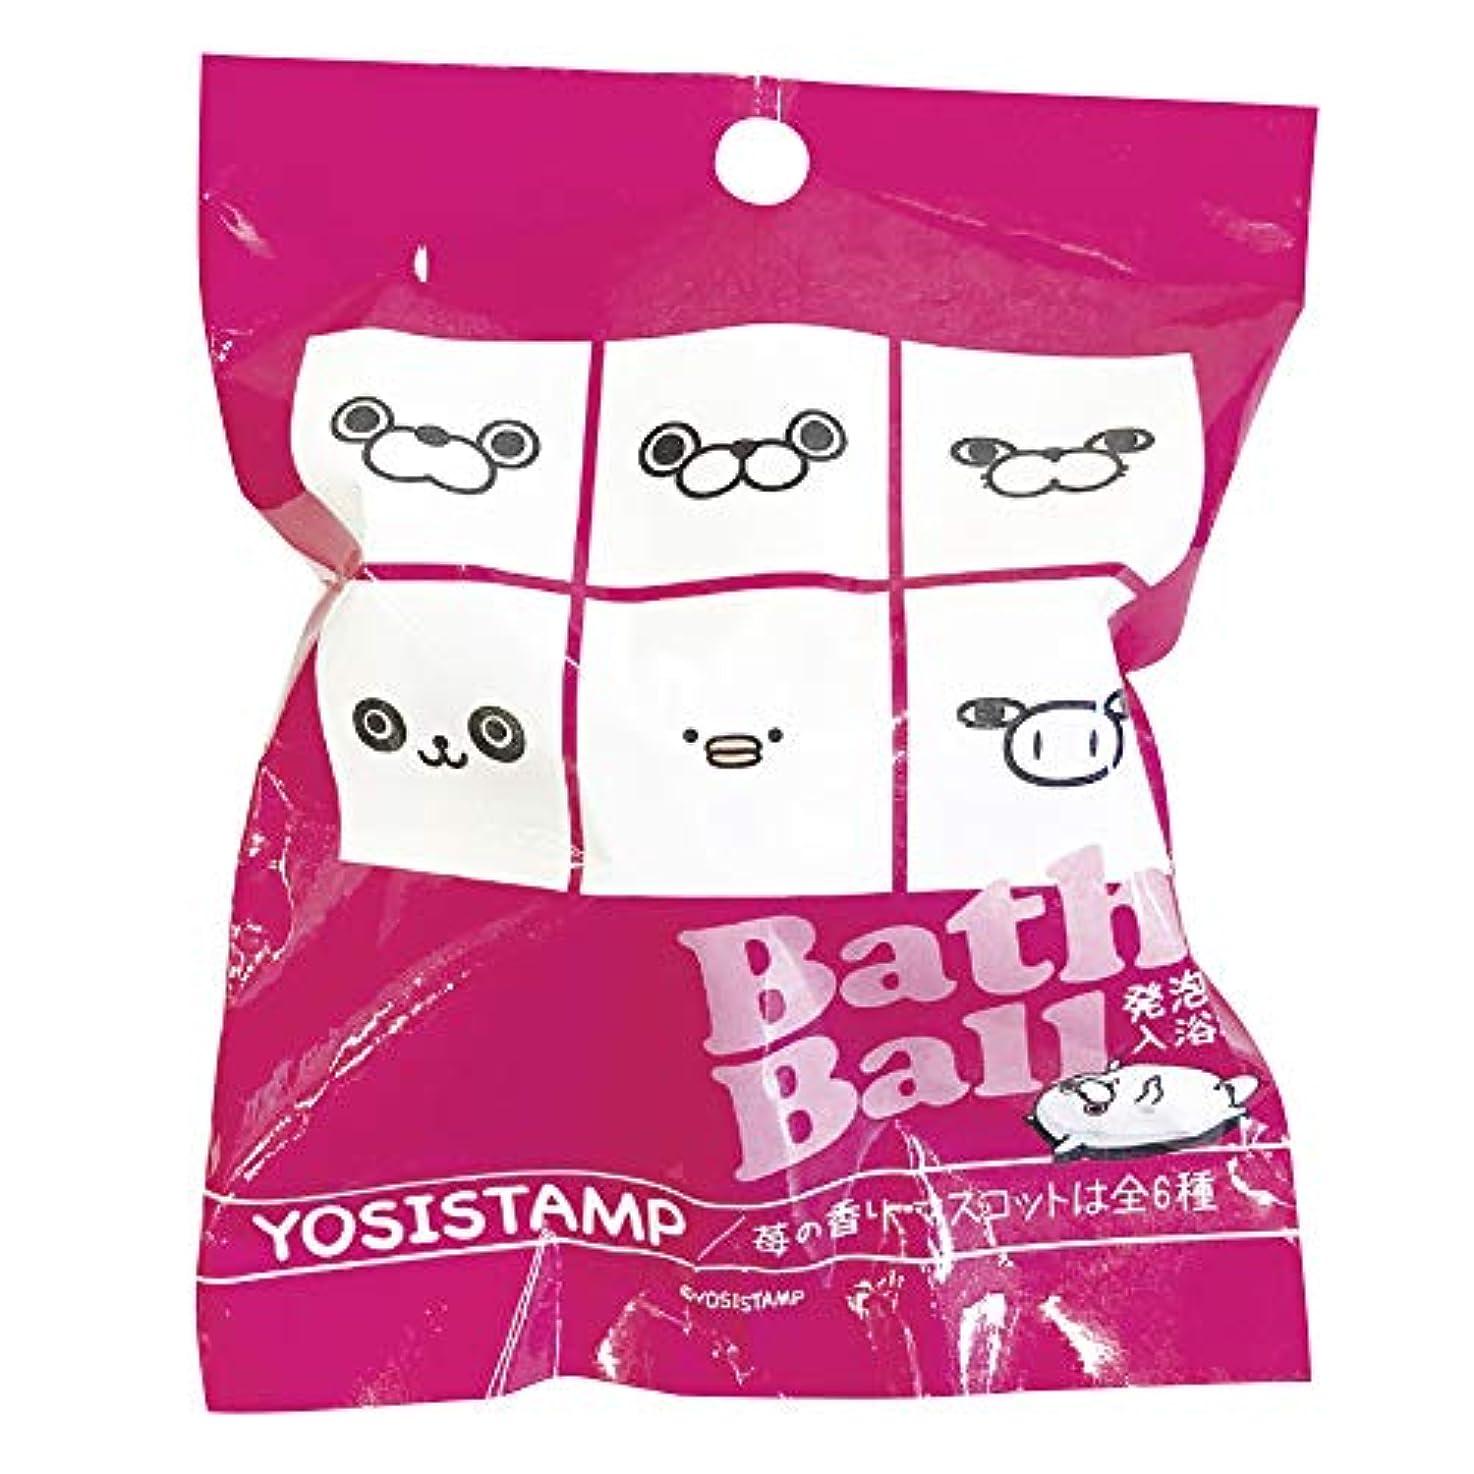 激しい推測スリットヨッシースタンプ 入浴剤 バスボール おまけ付き イチゴの香り ABD-004-002